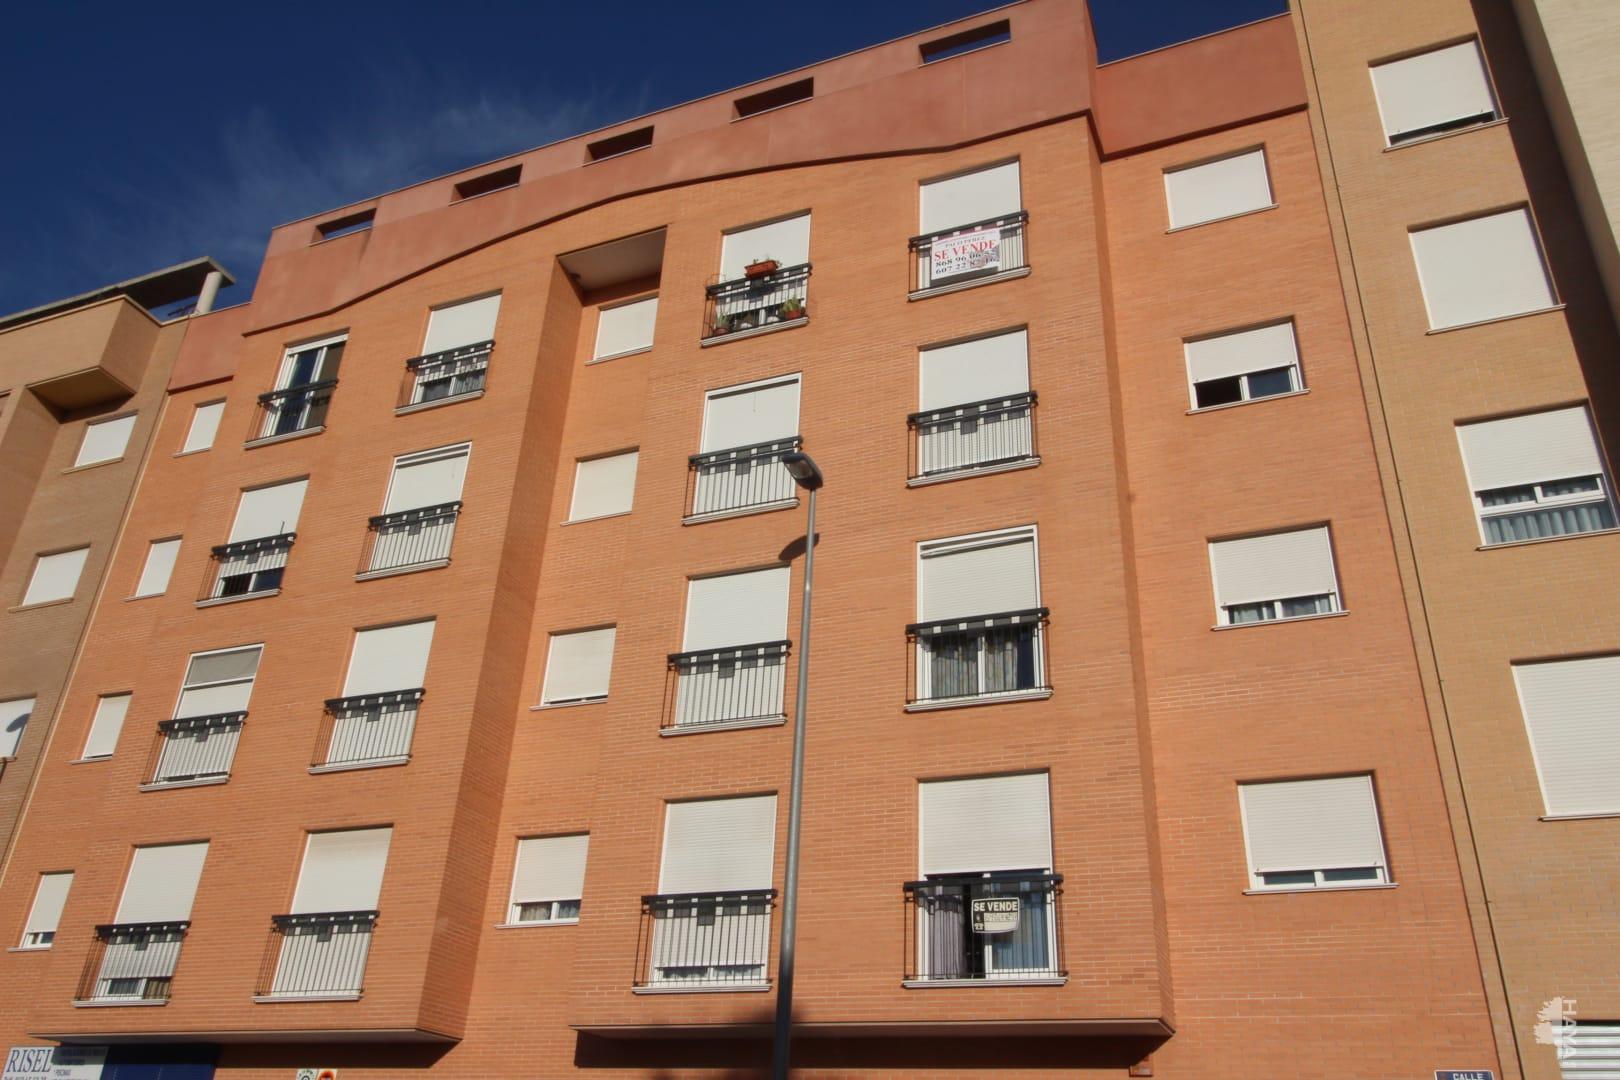 Piso en venta en Cieza, Murcia, Calle Camino del Molino, 127.823 €, 3 habitaciones, 2 baños, 135 m2